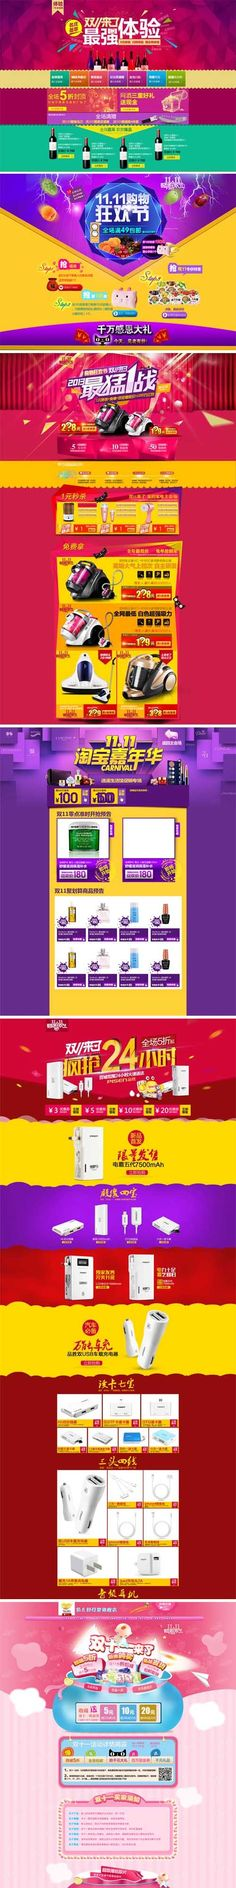 双11活动专题素材 双十一购物狂欢节促销...